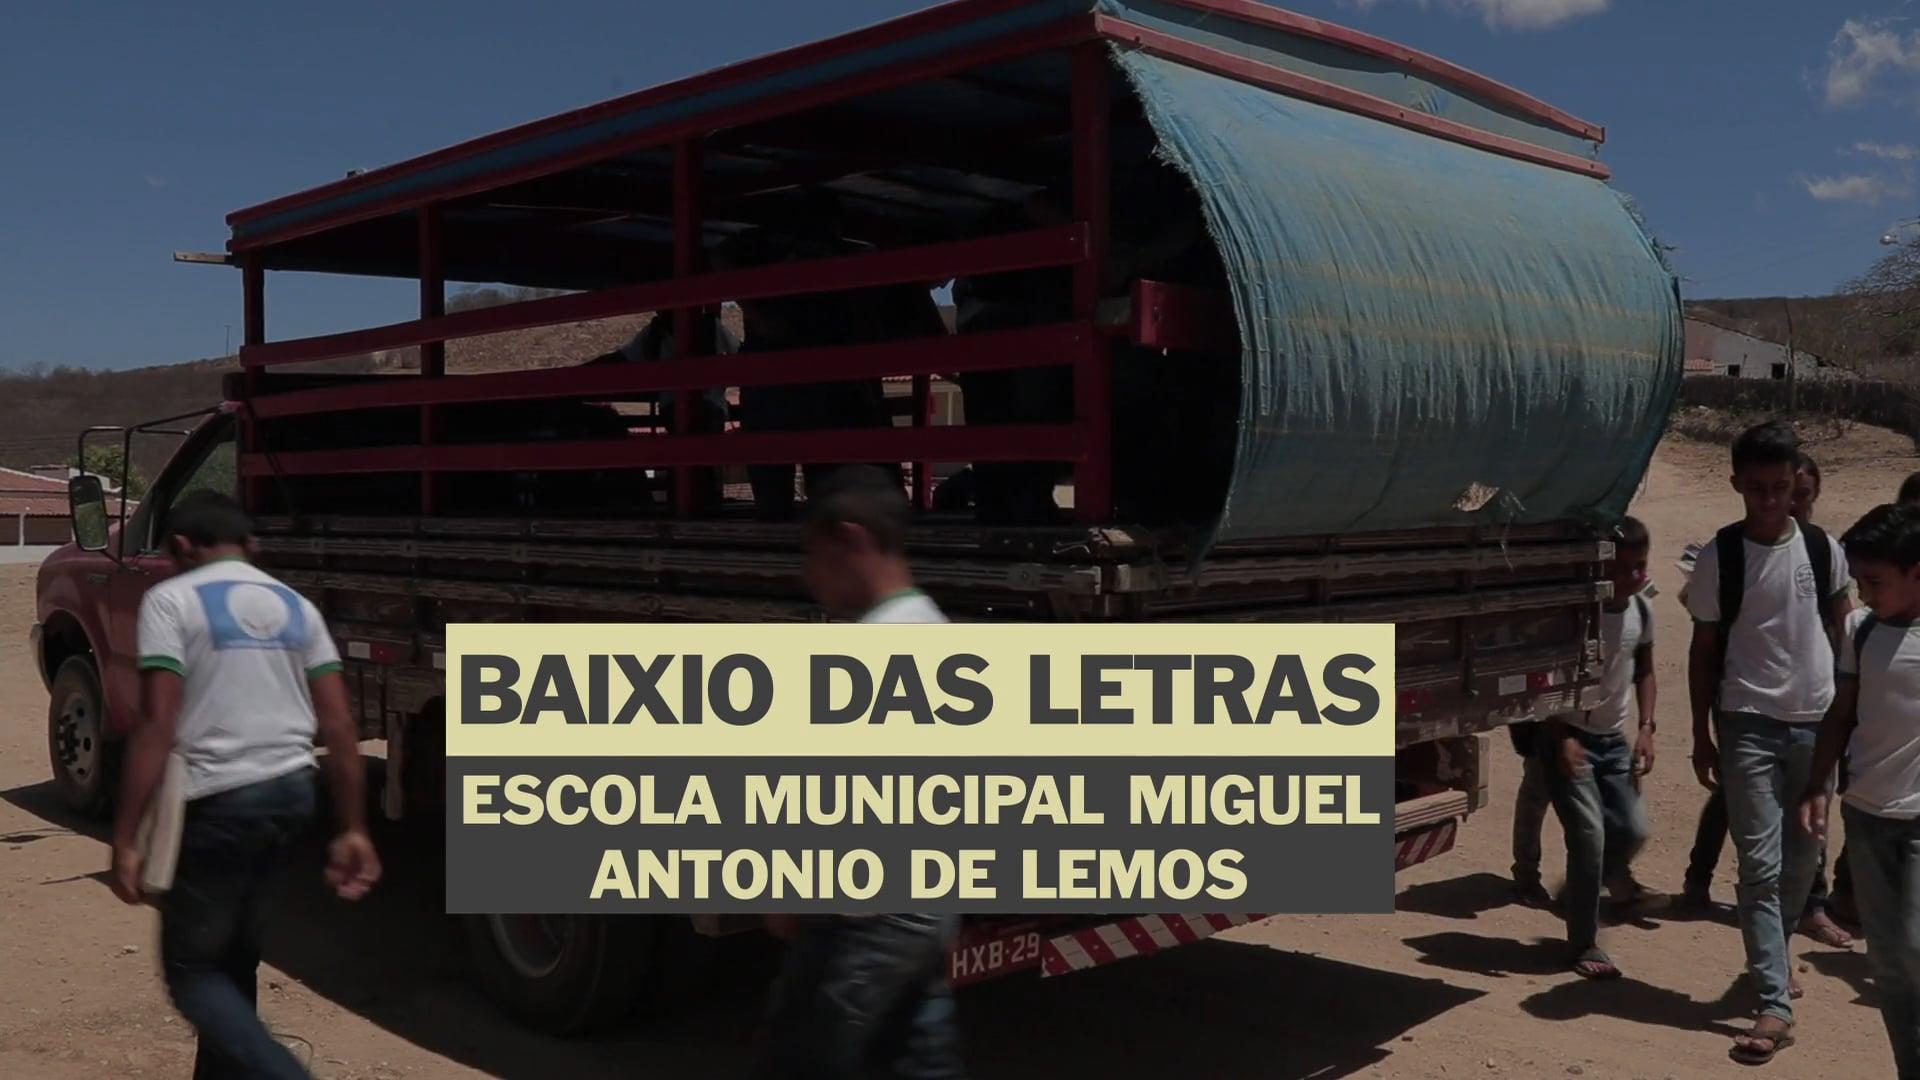 BAIXIO DAS LETRAS